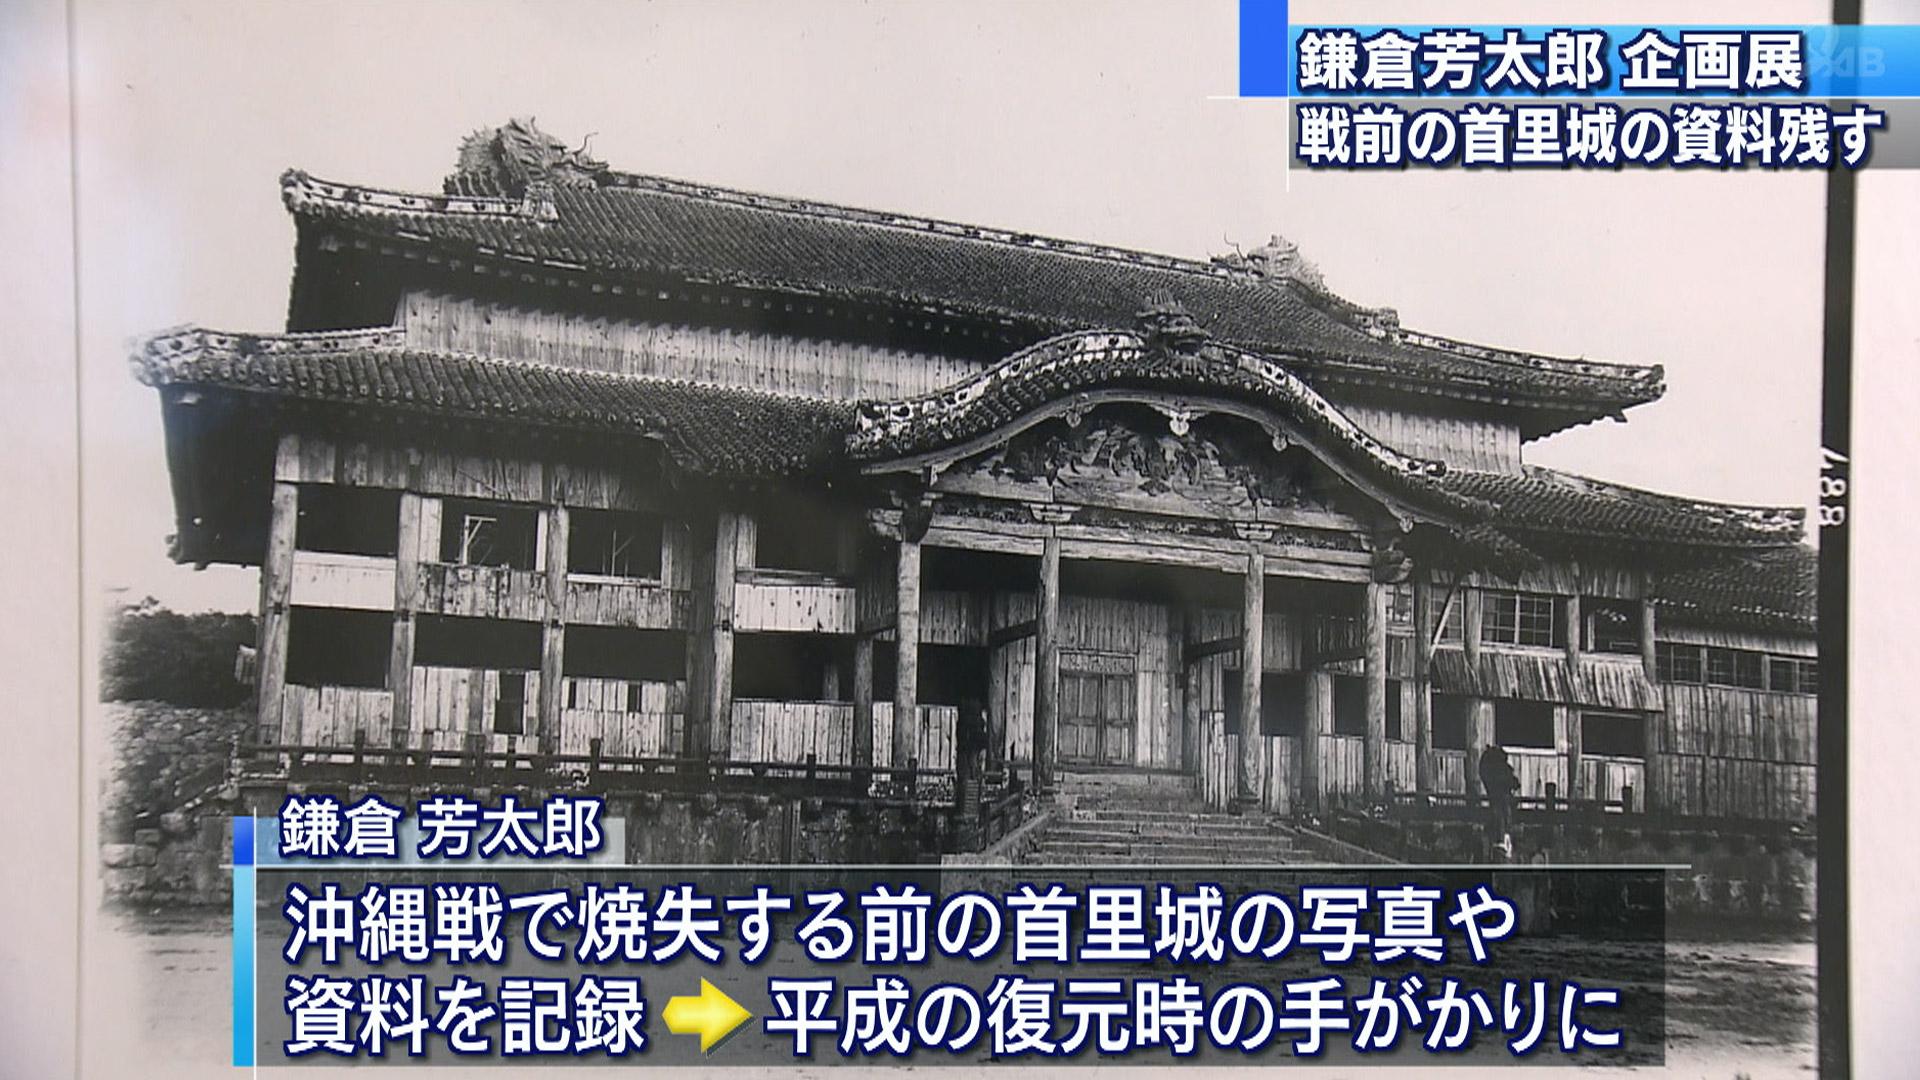 鎌倉芳太郎展が県立芸大で開催